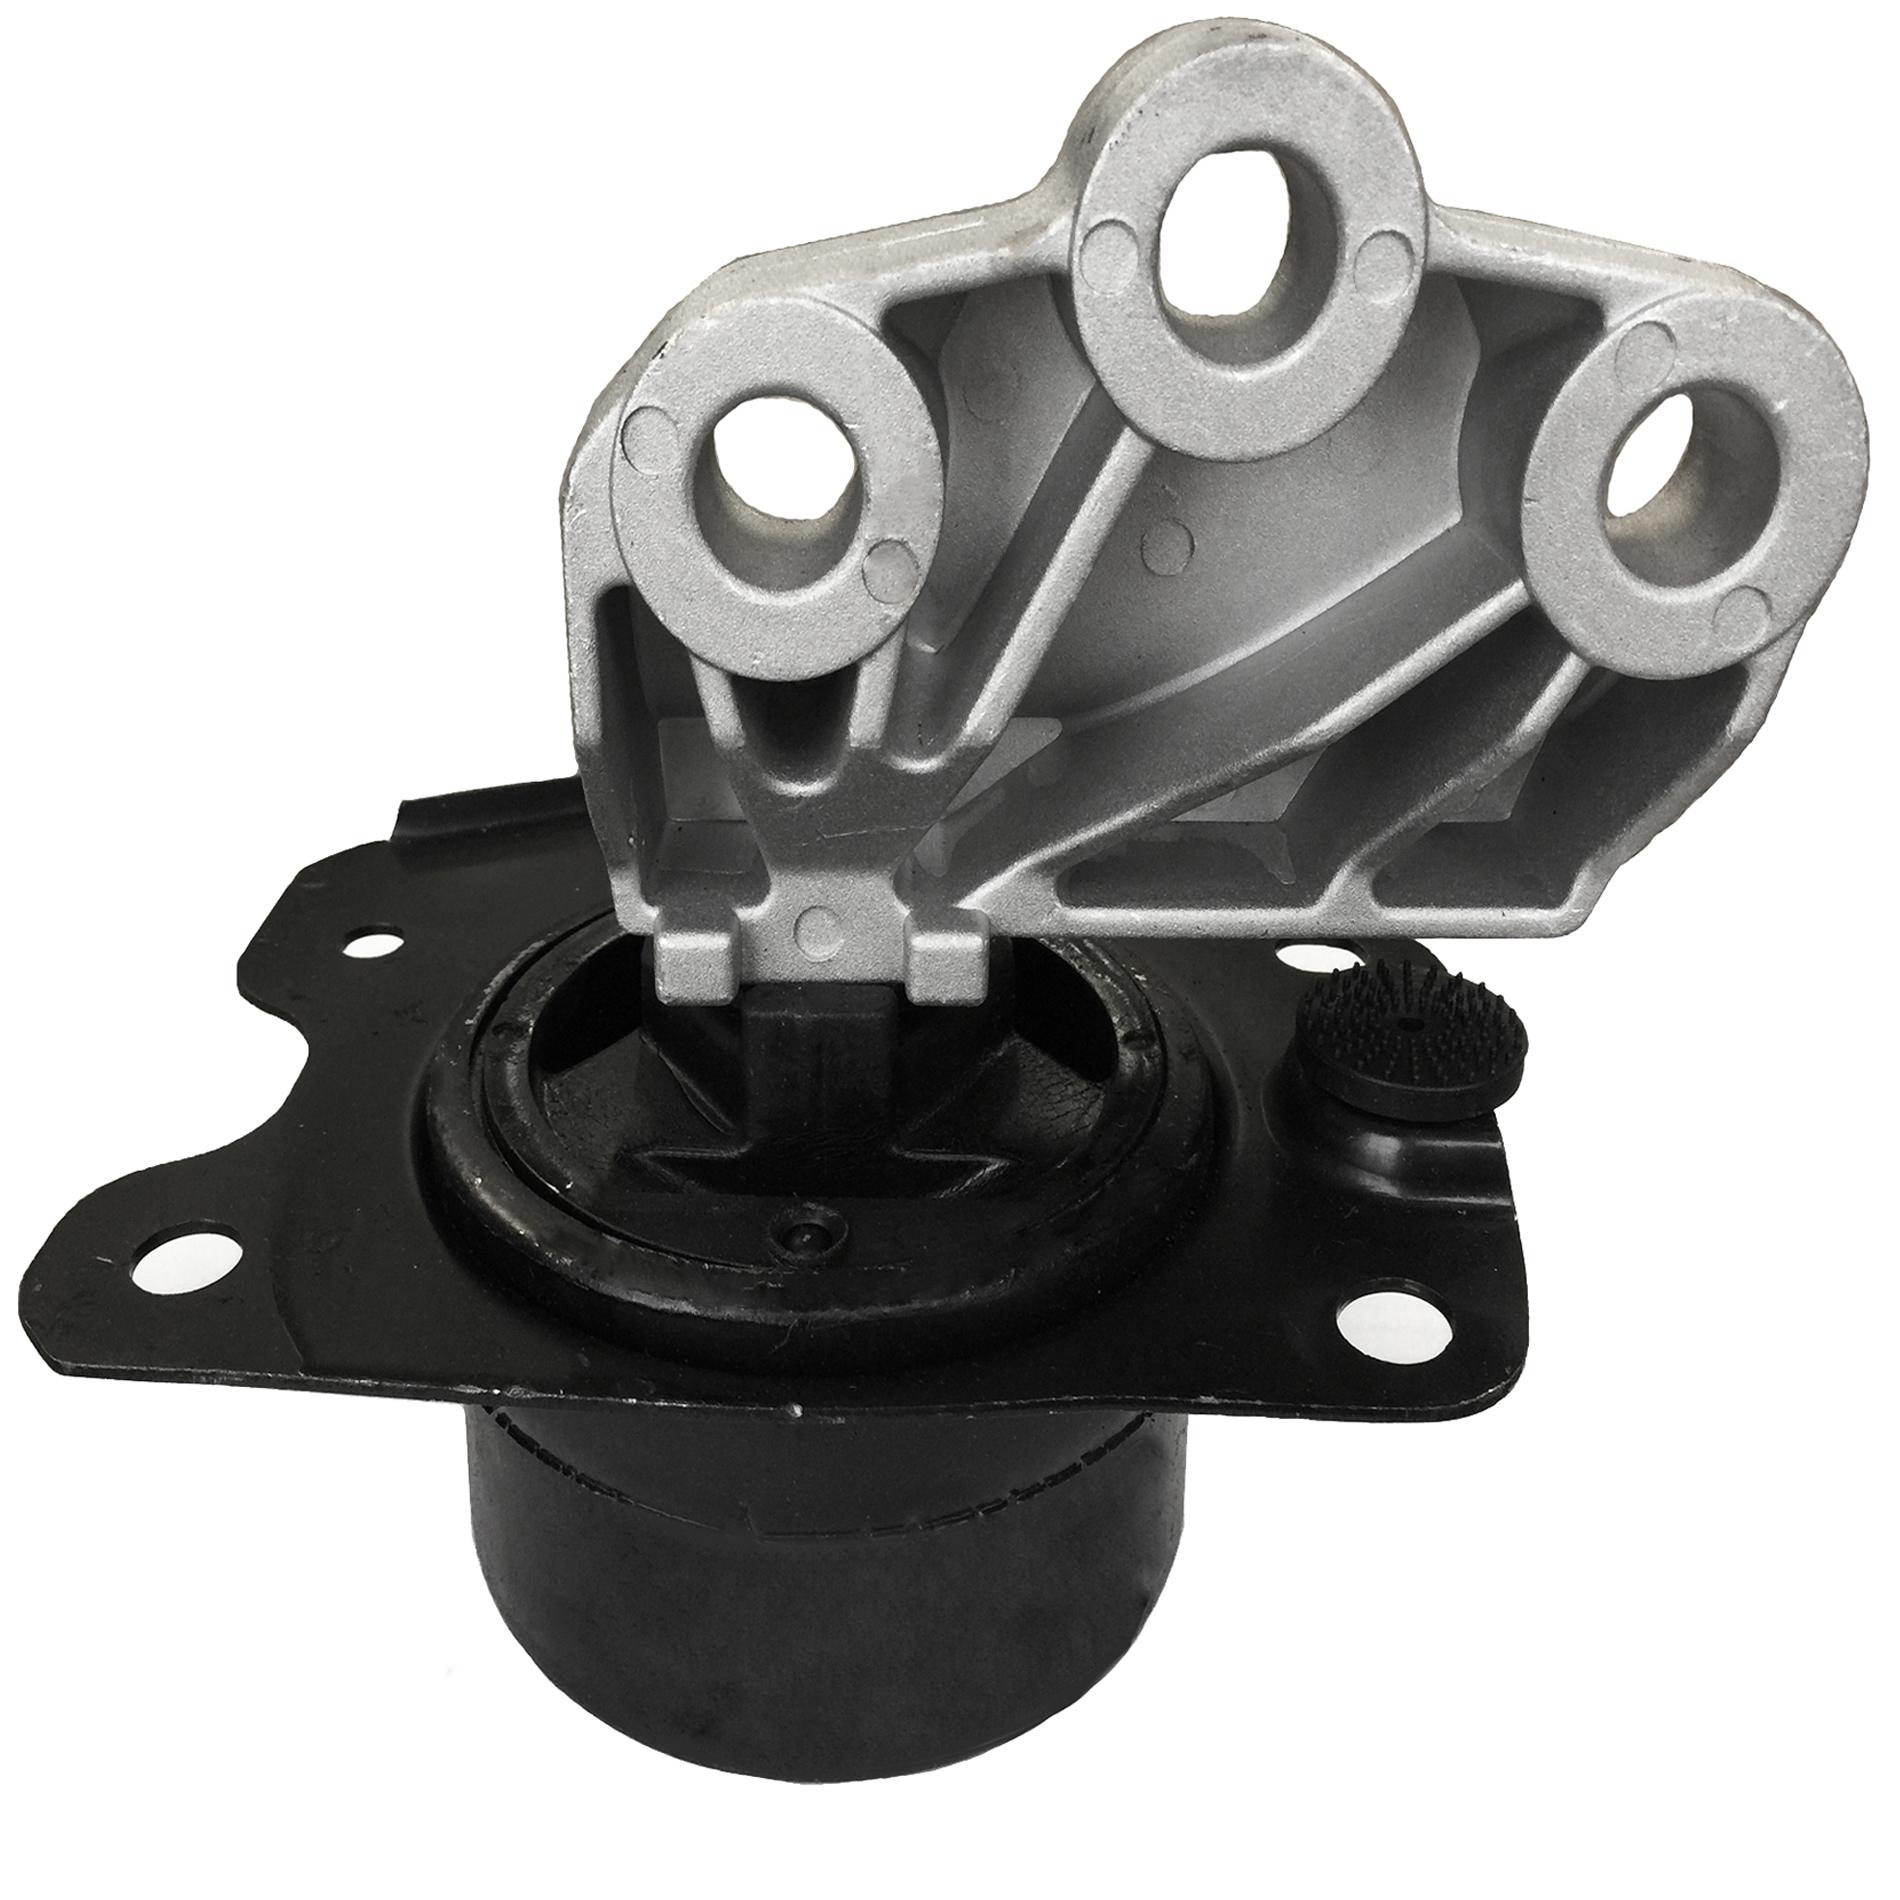 MotorKing 5374 Engine Mount Fits Chevy Cavalier, Cobalt, HHR, Pontiac Sunfire,G5, Saturn ION MK Front